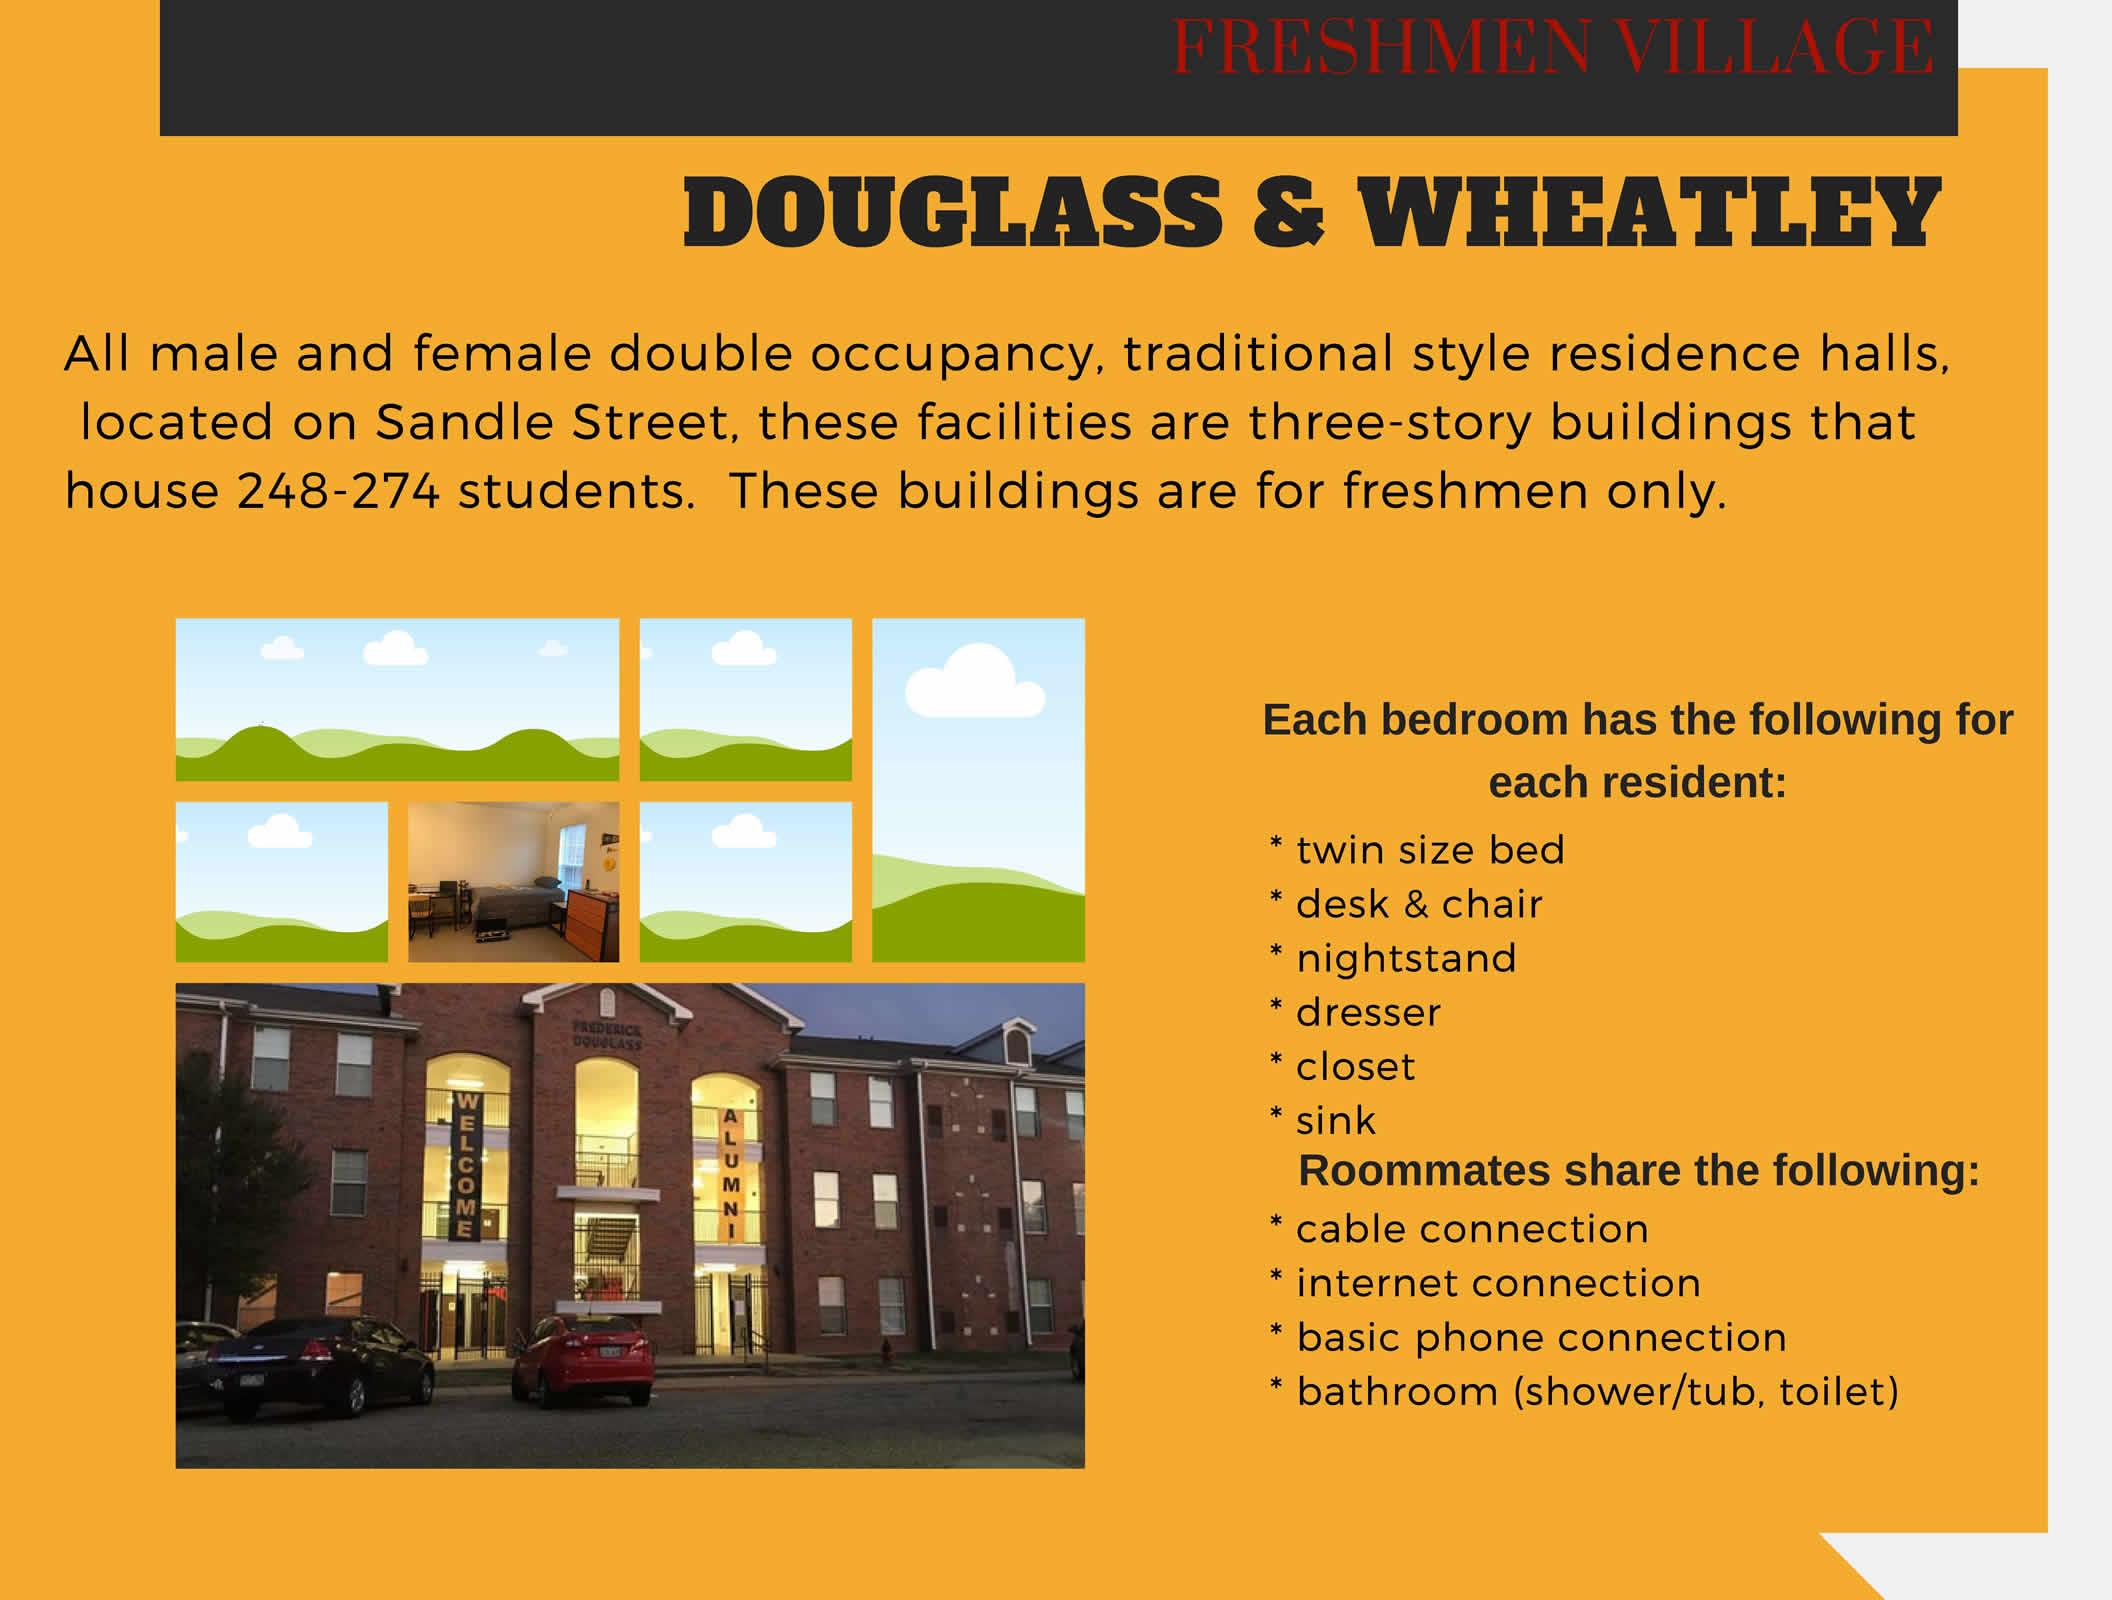 Freshmen Village - Douglass & Wheatley